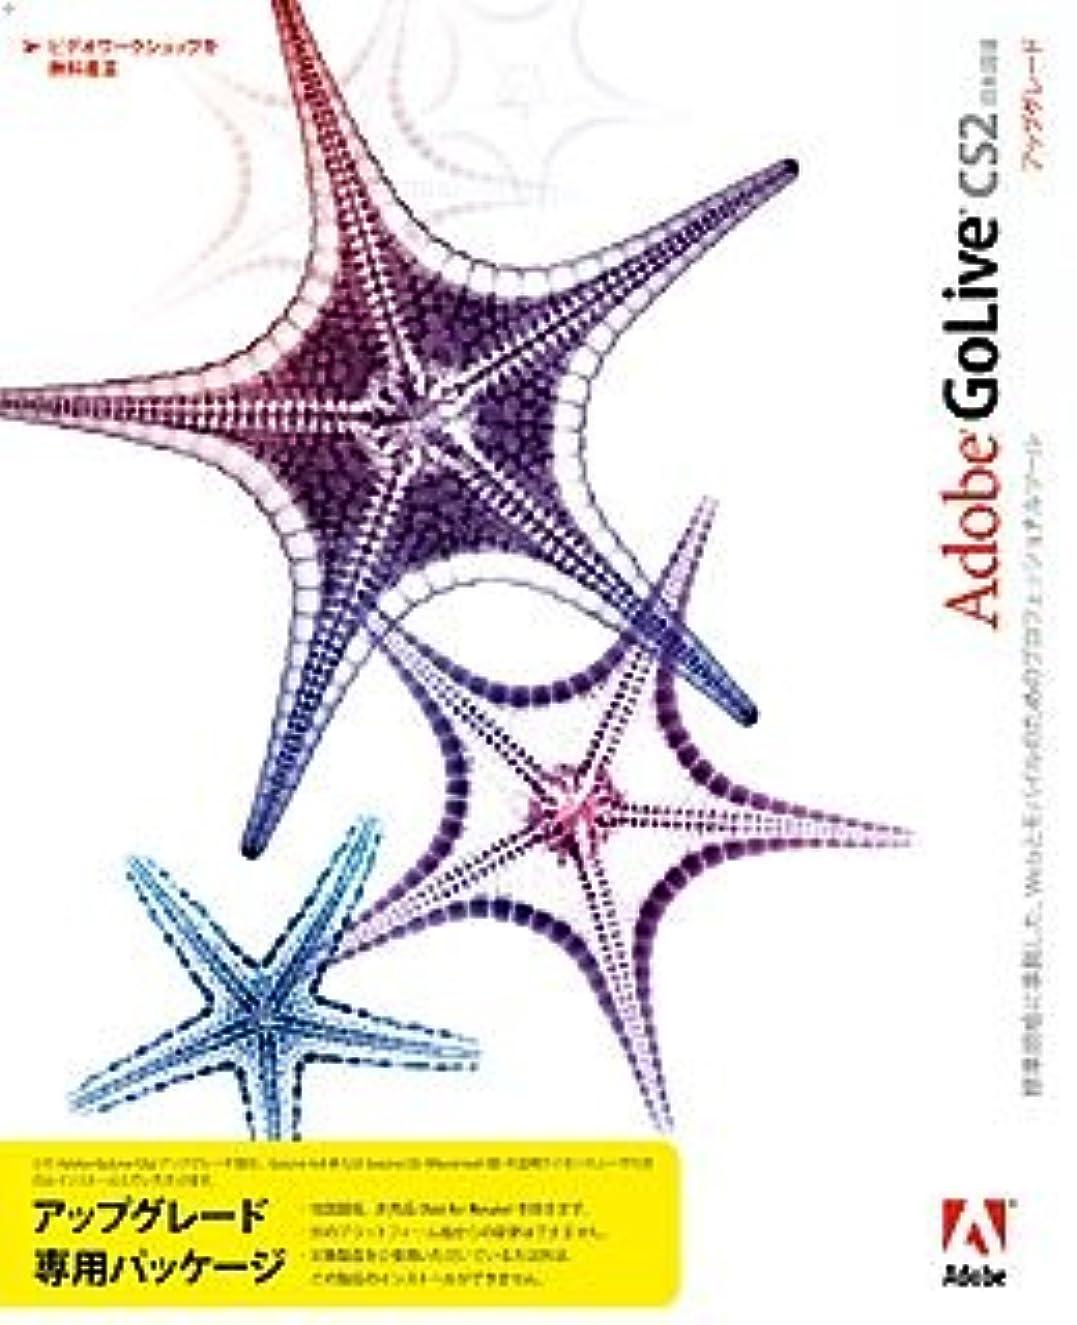 技術者ボリューム寸法Adobe GoLive CS2.0 日本語版 Macintosh版 アップグレード版